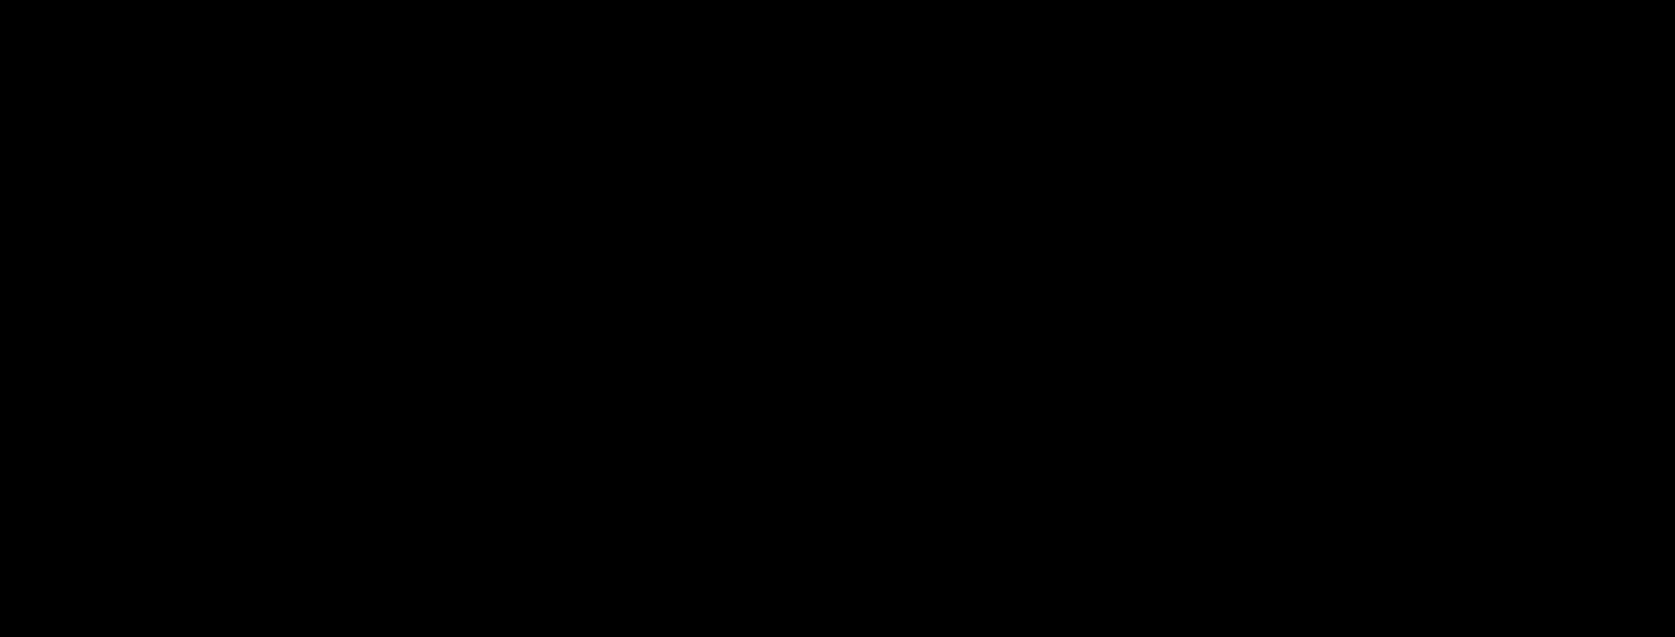 SMAC Logo Black Border Transparent